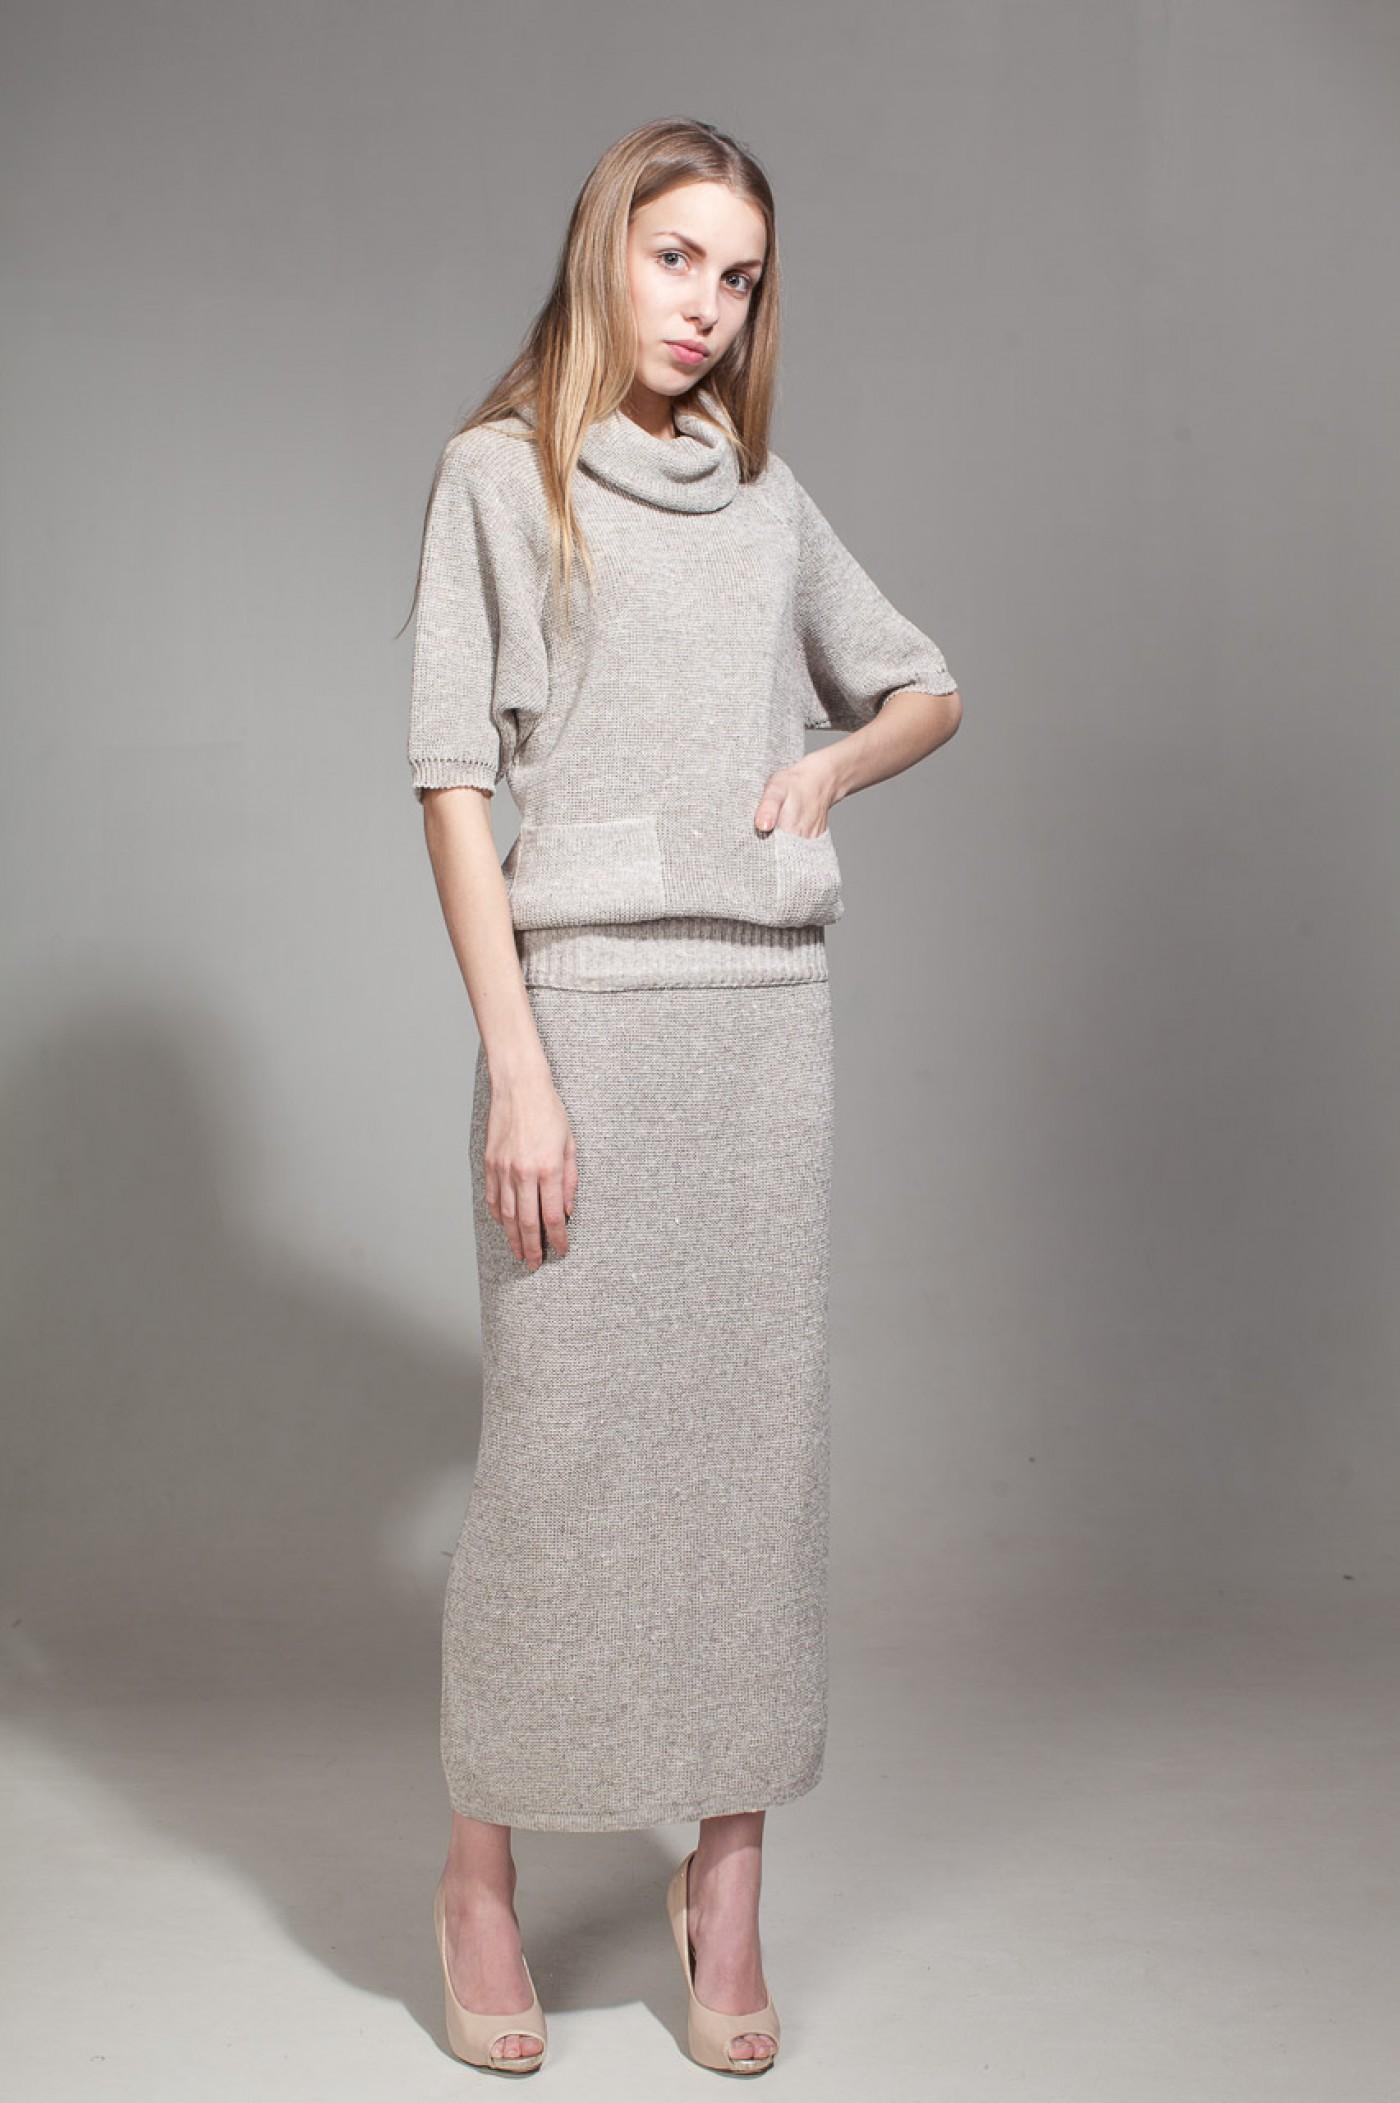 Одежда для женщин: особенности покупки